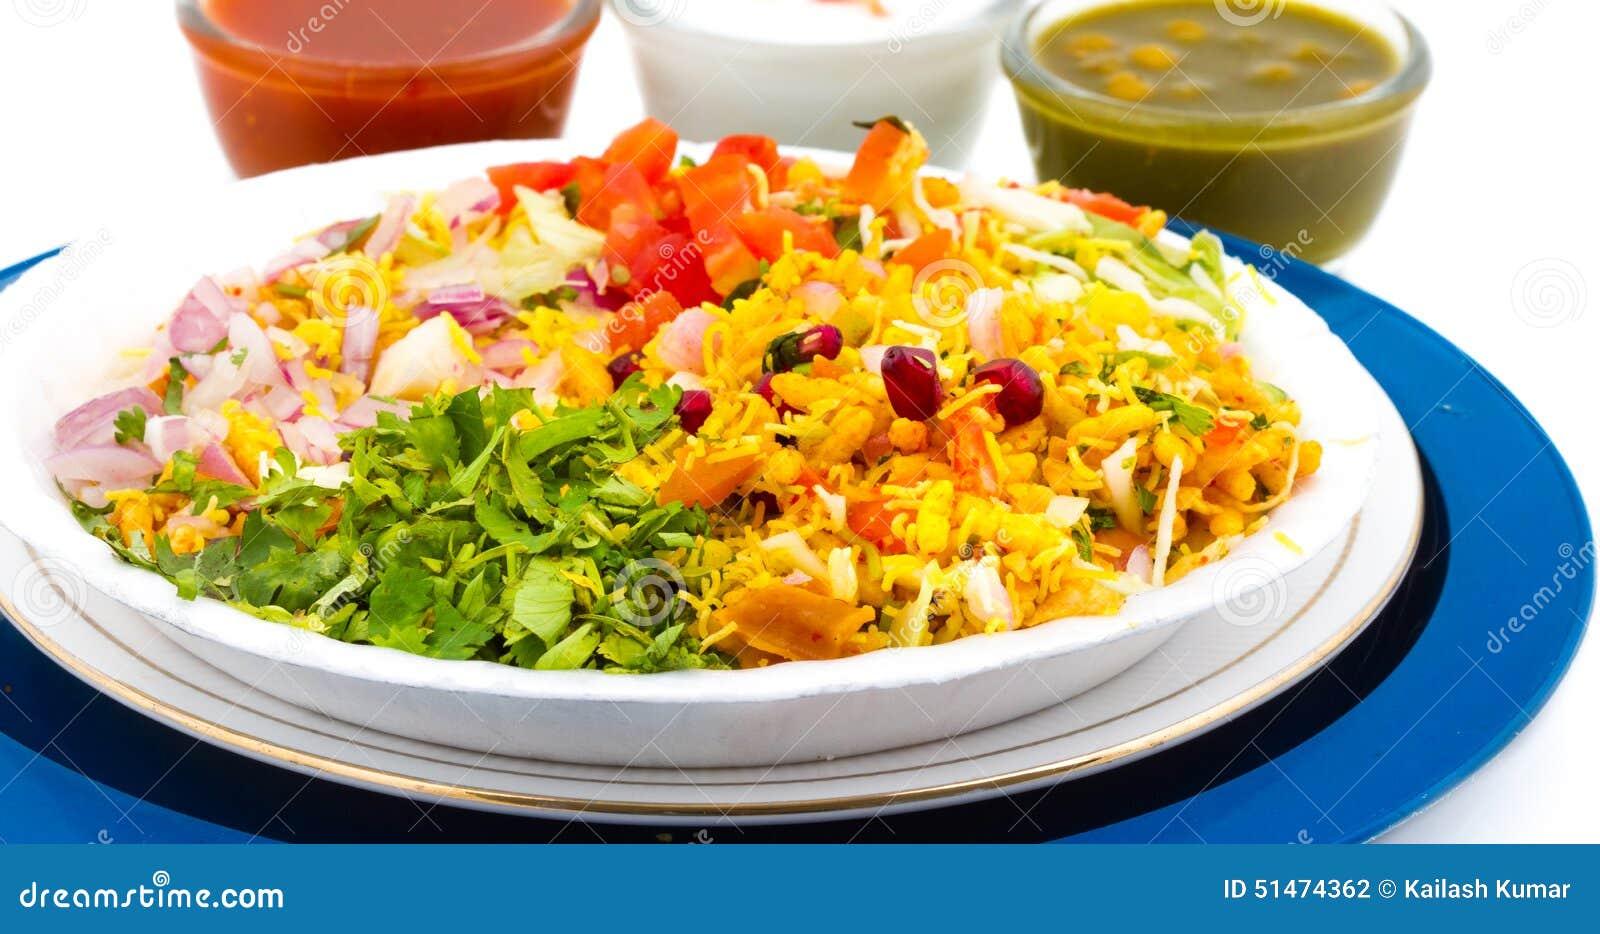 Bhel Indian Food